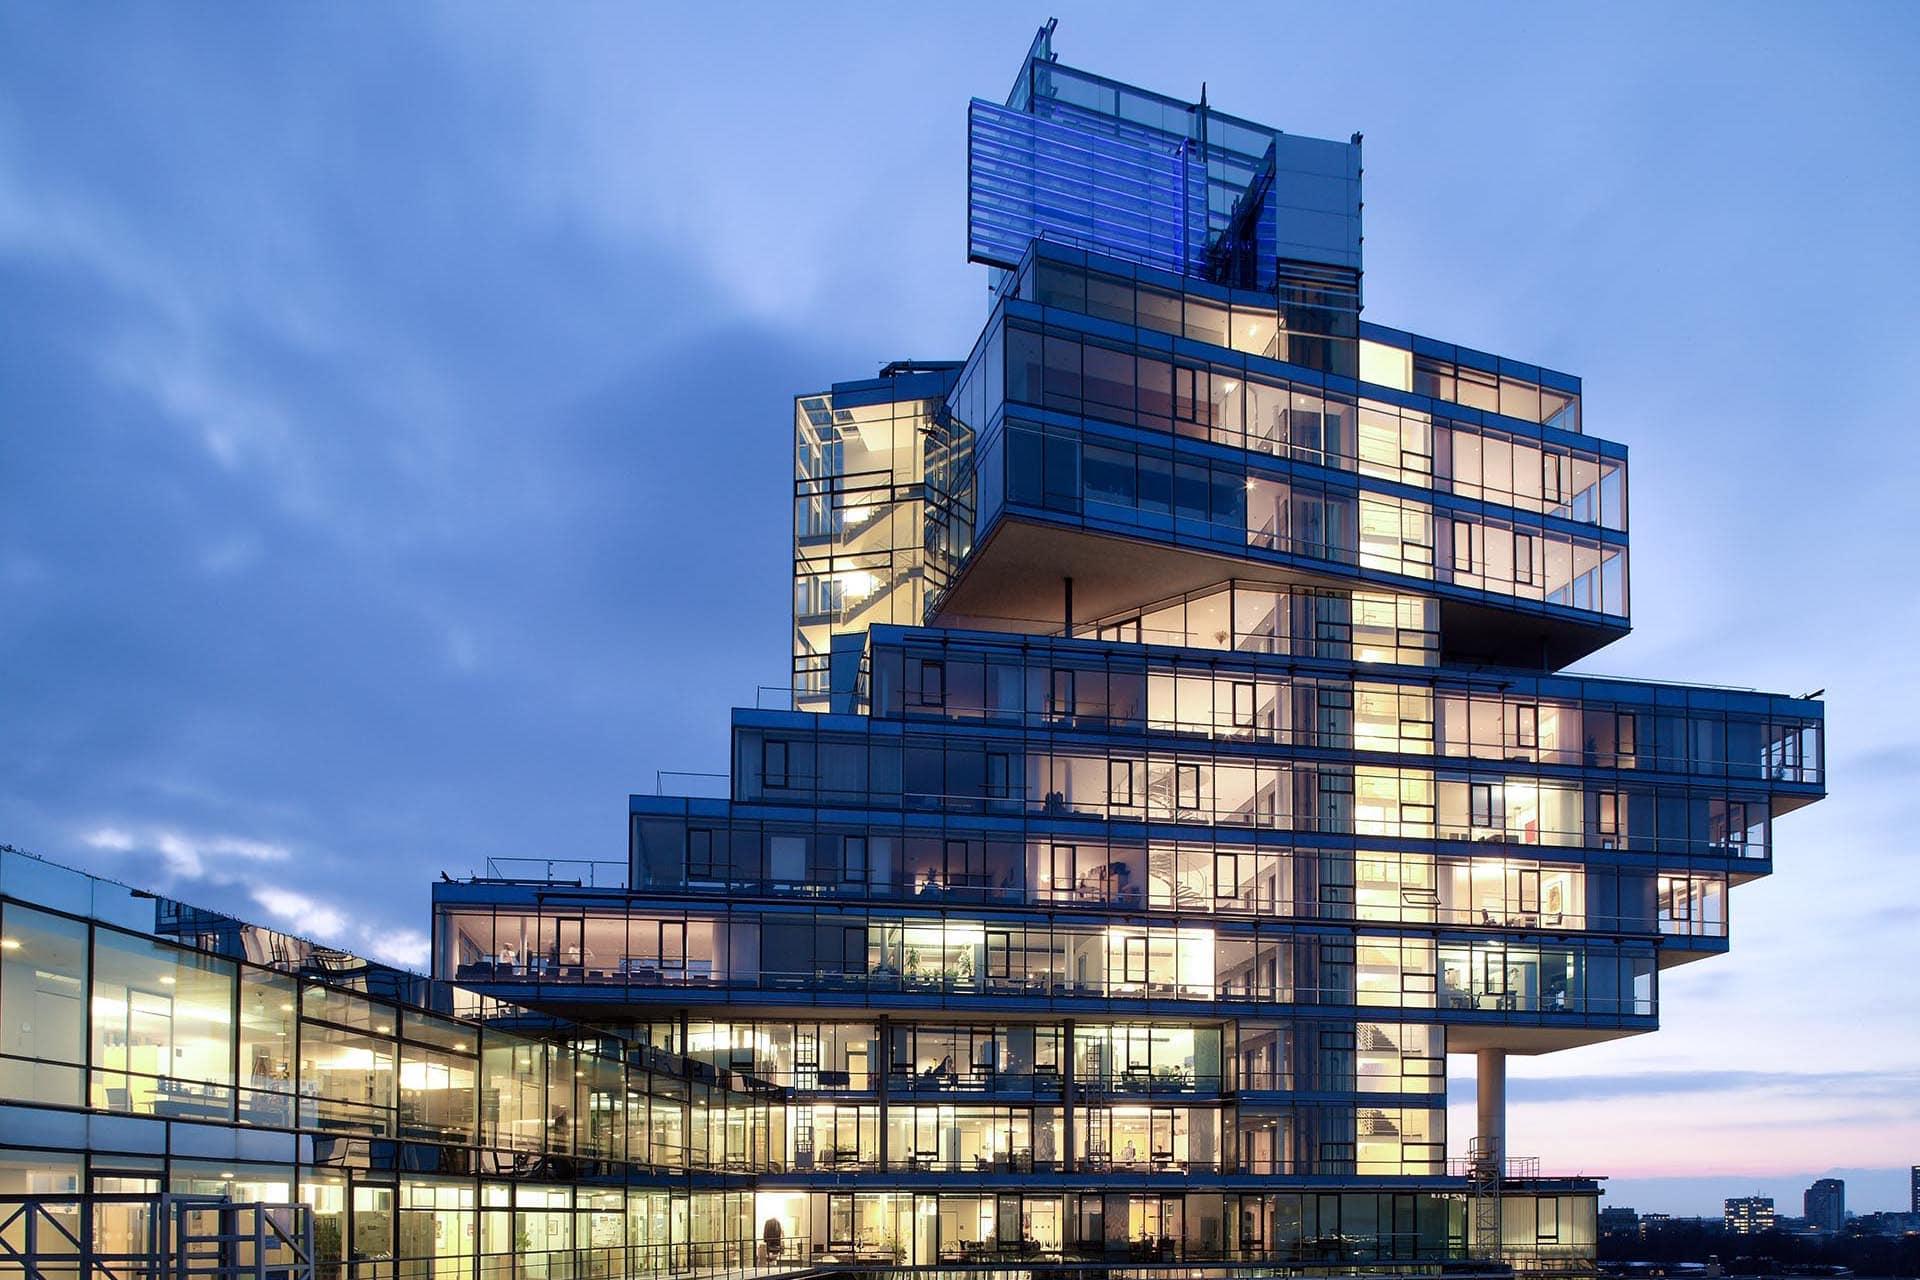 Nord/LB Hannover, Behnisch, Behnisch & Partner